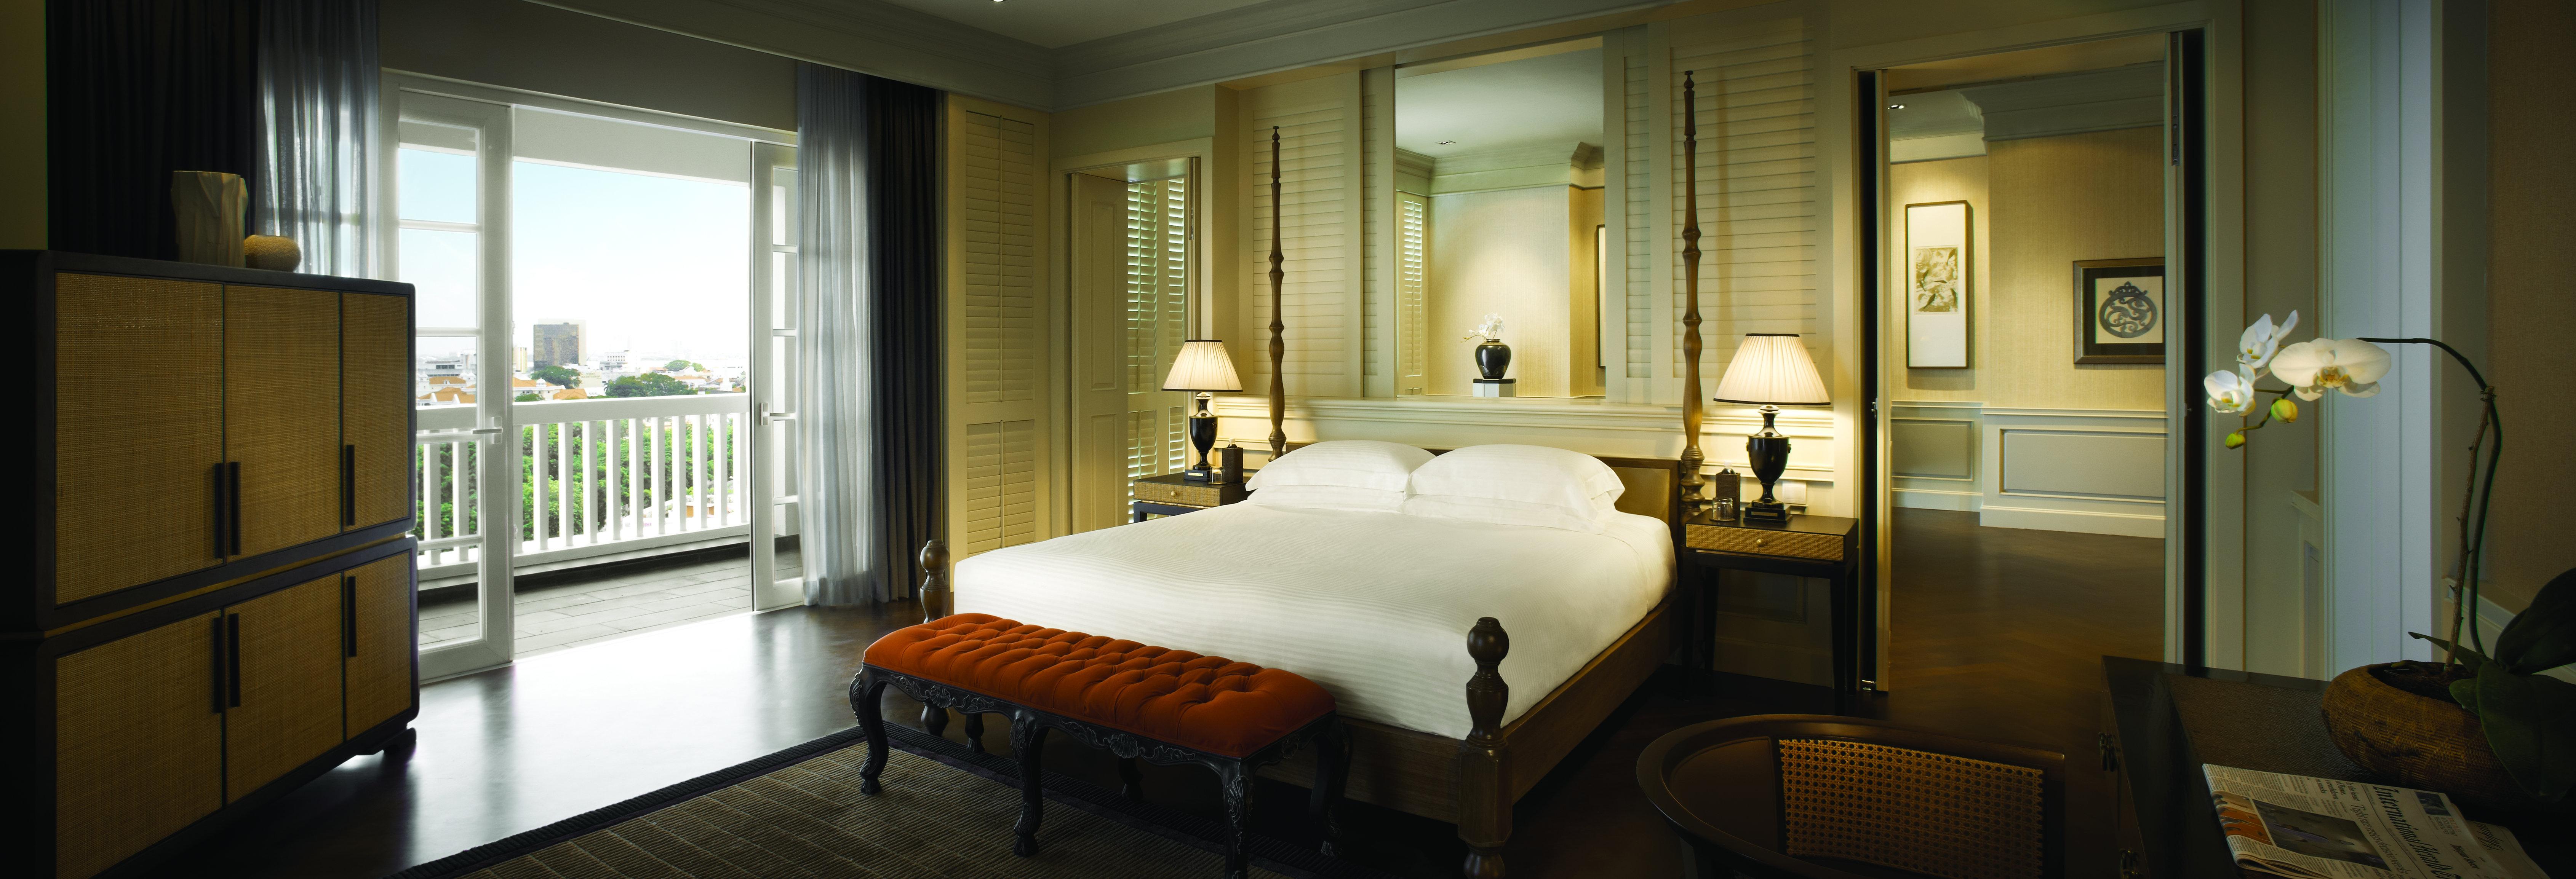 eastern-oriental-hotel-suite